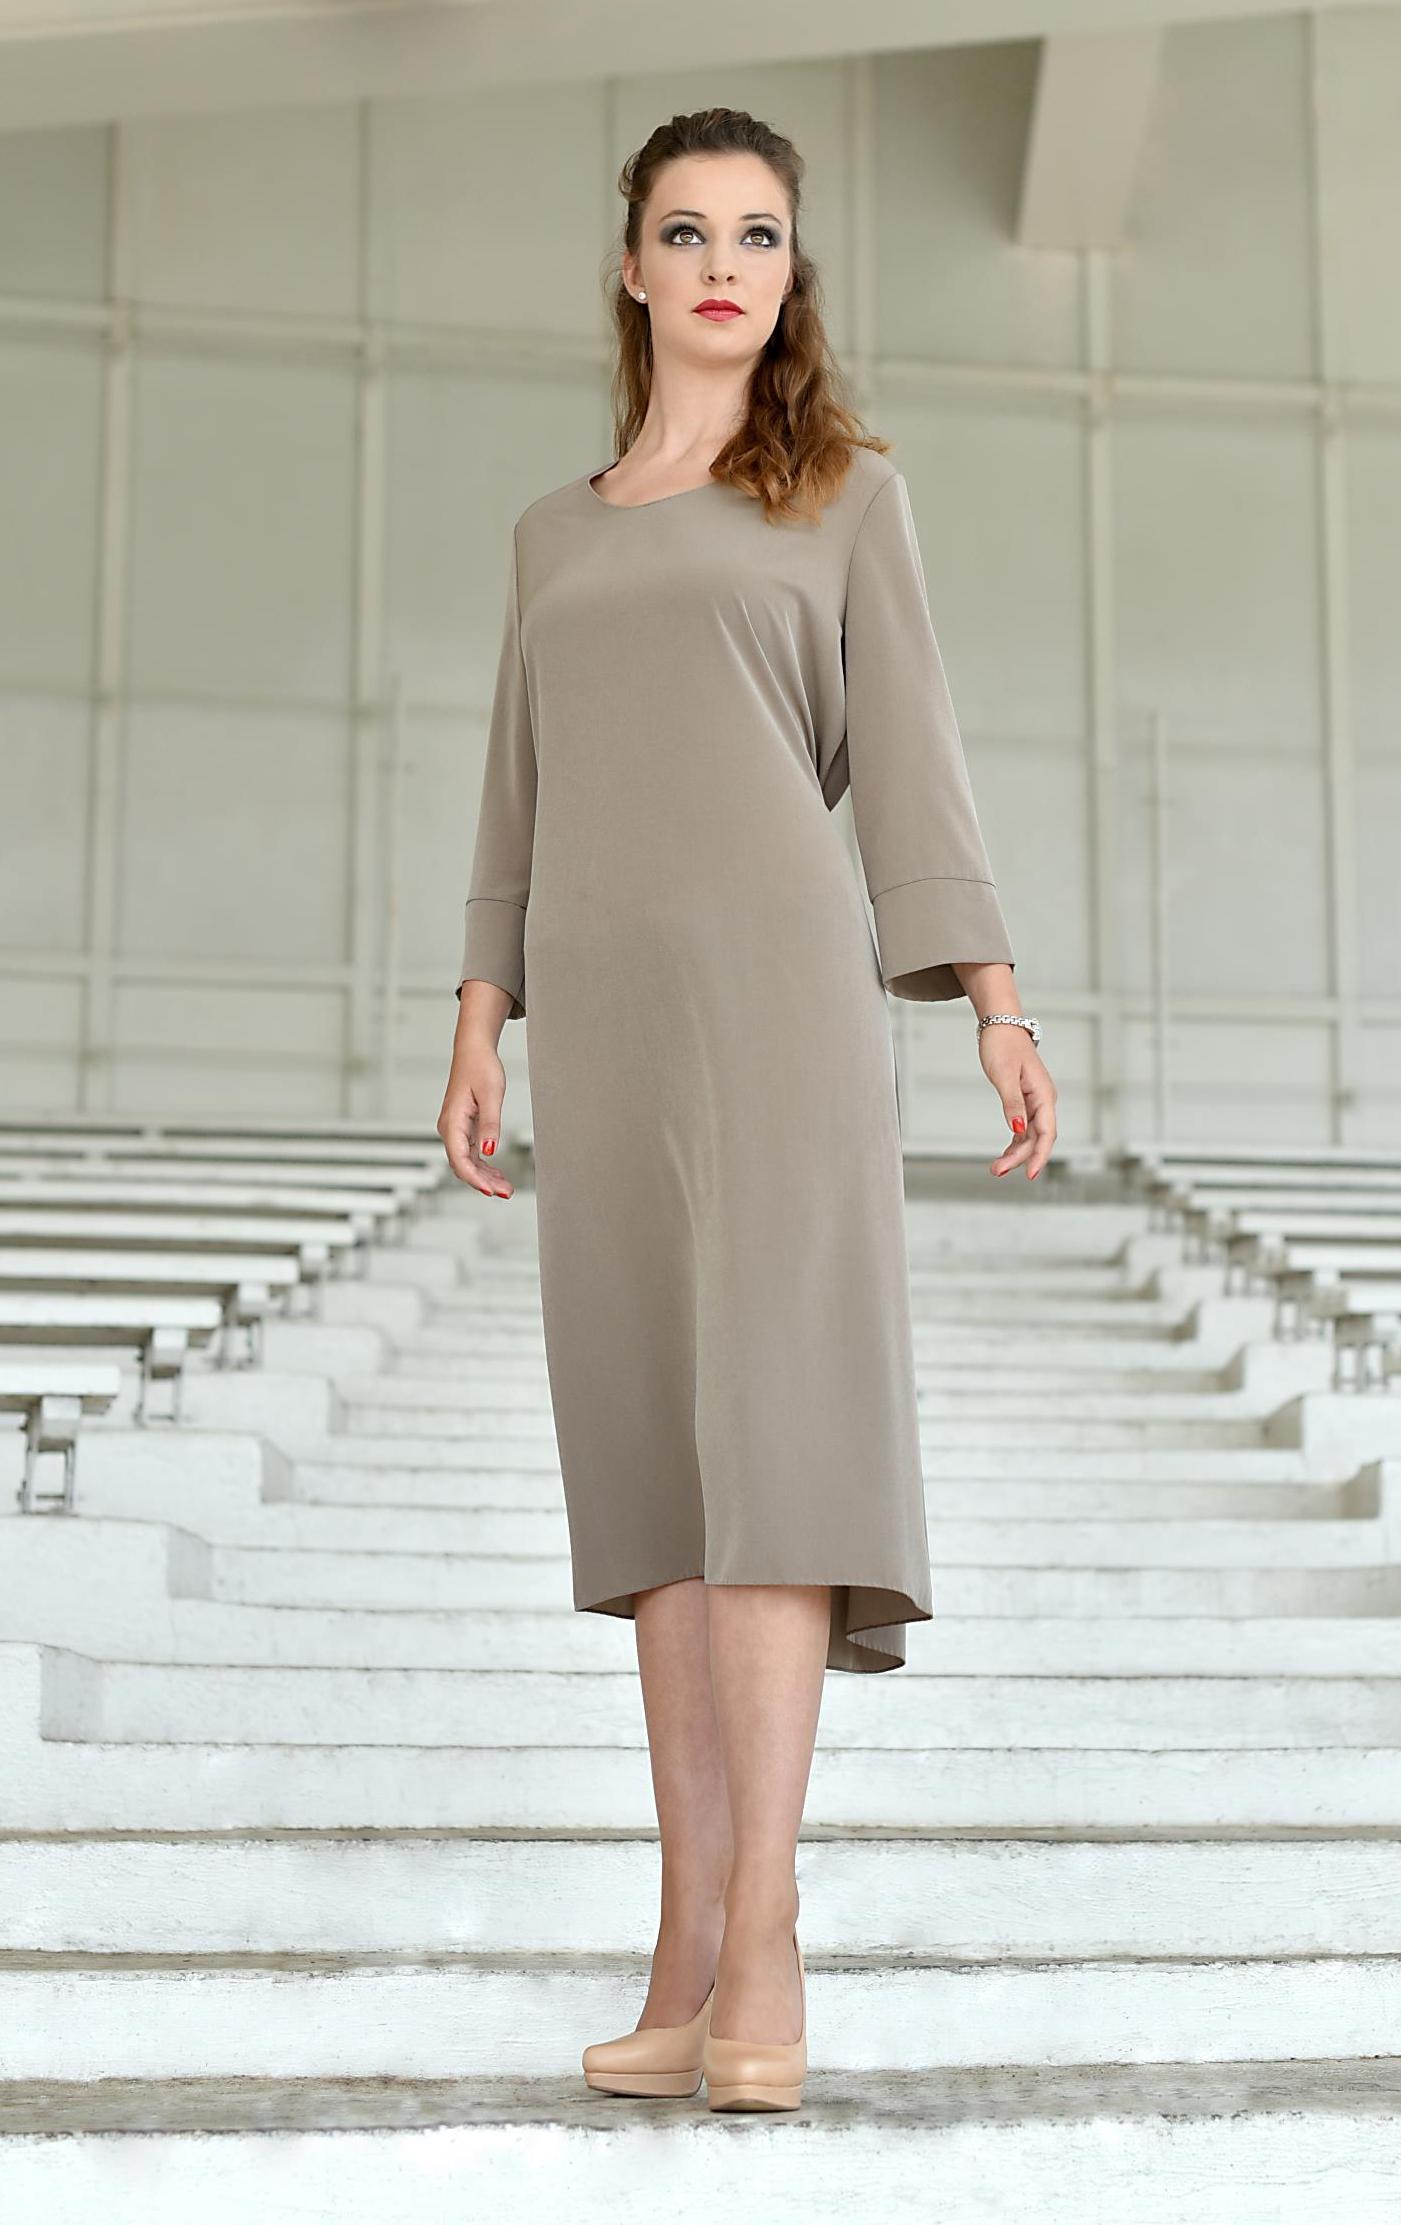 Fotografie pro model – Hedvábné šaty rovného střihu